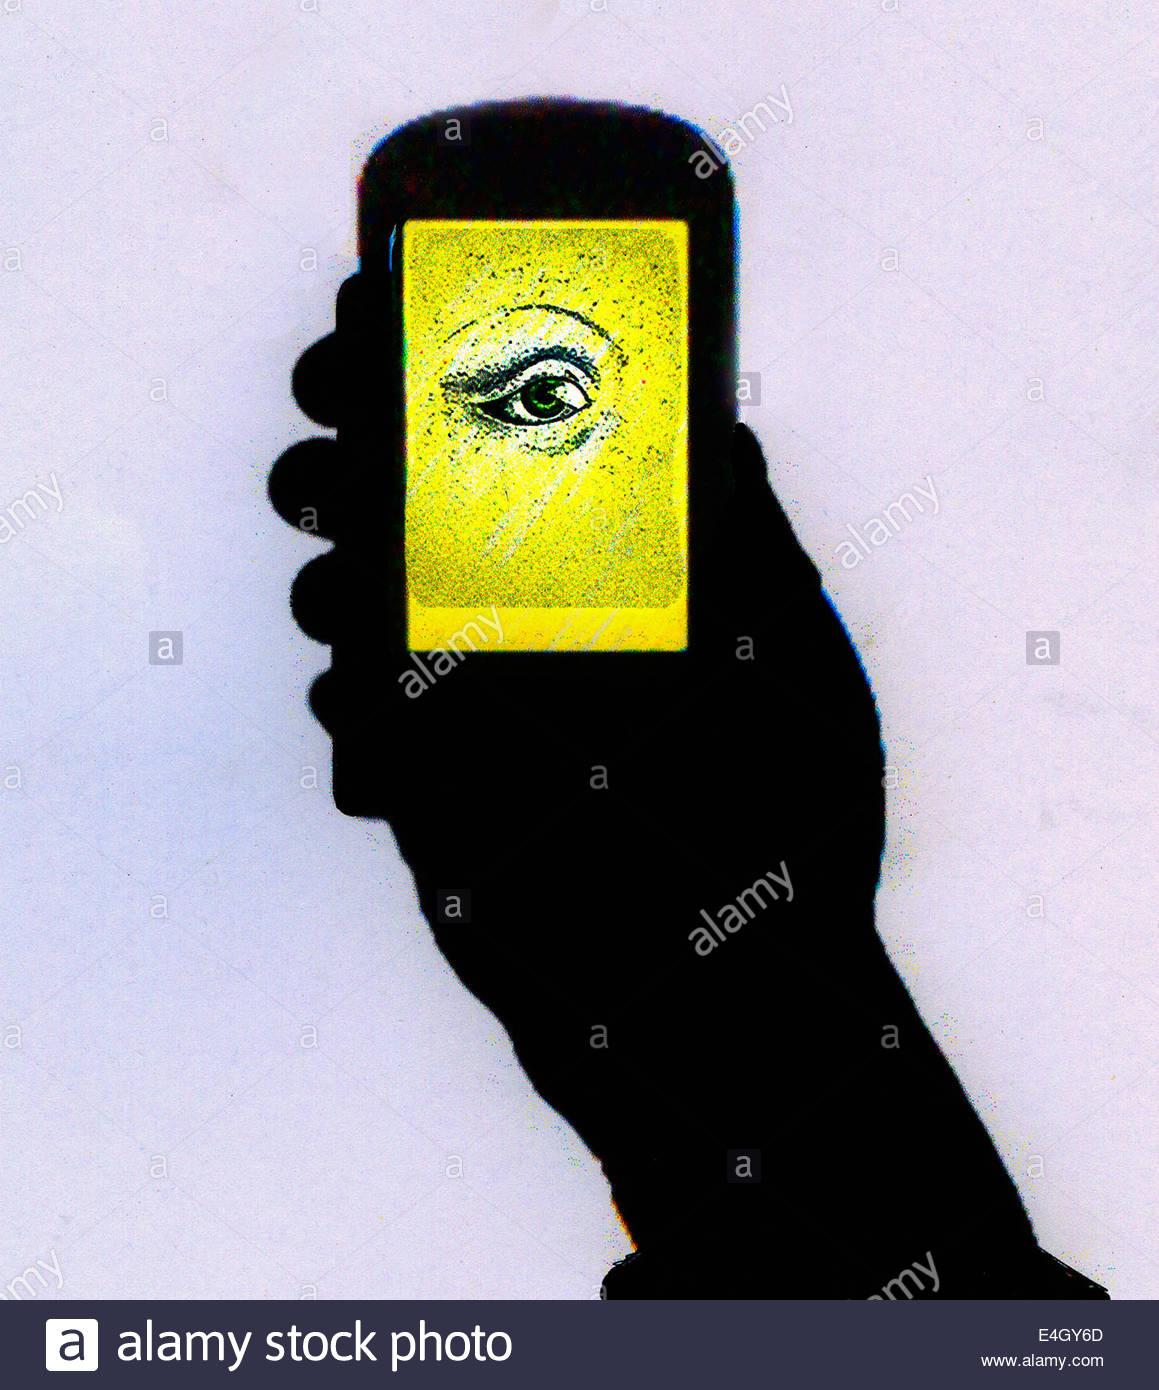 Silhouette der Hand Handy mit leuchtenden Augen, die auf dem Bildschirm Stockbild